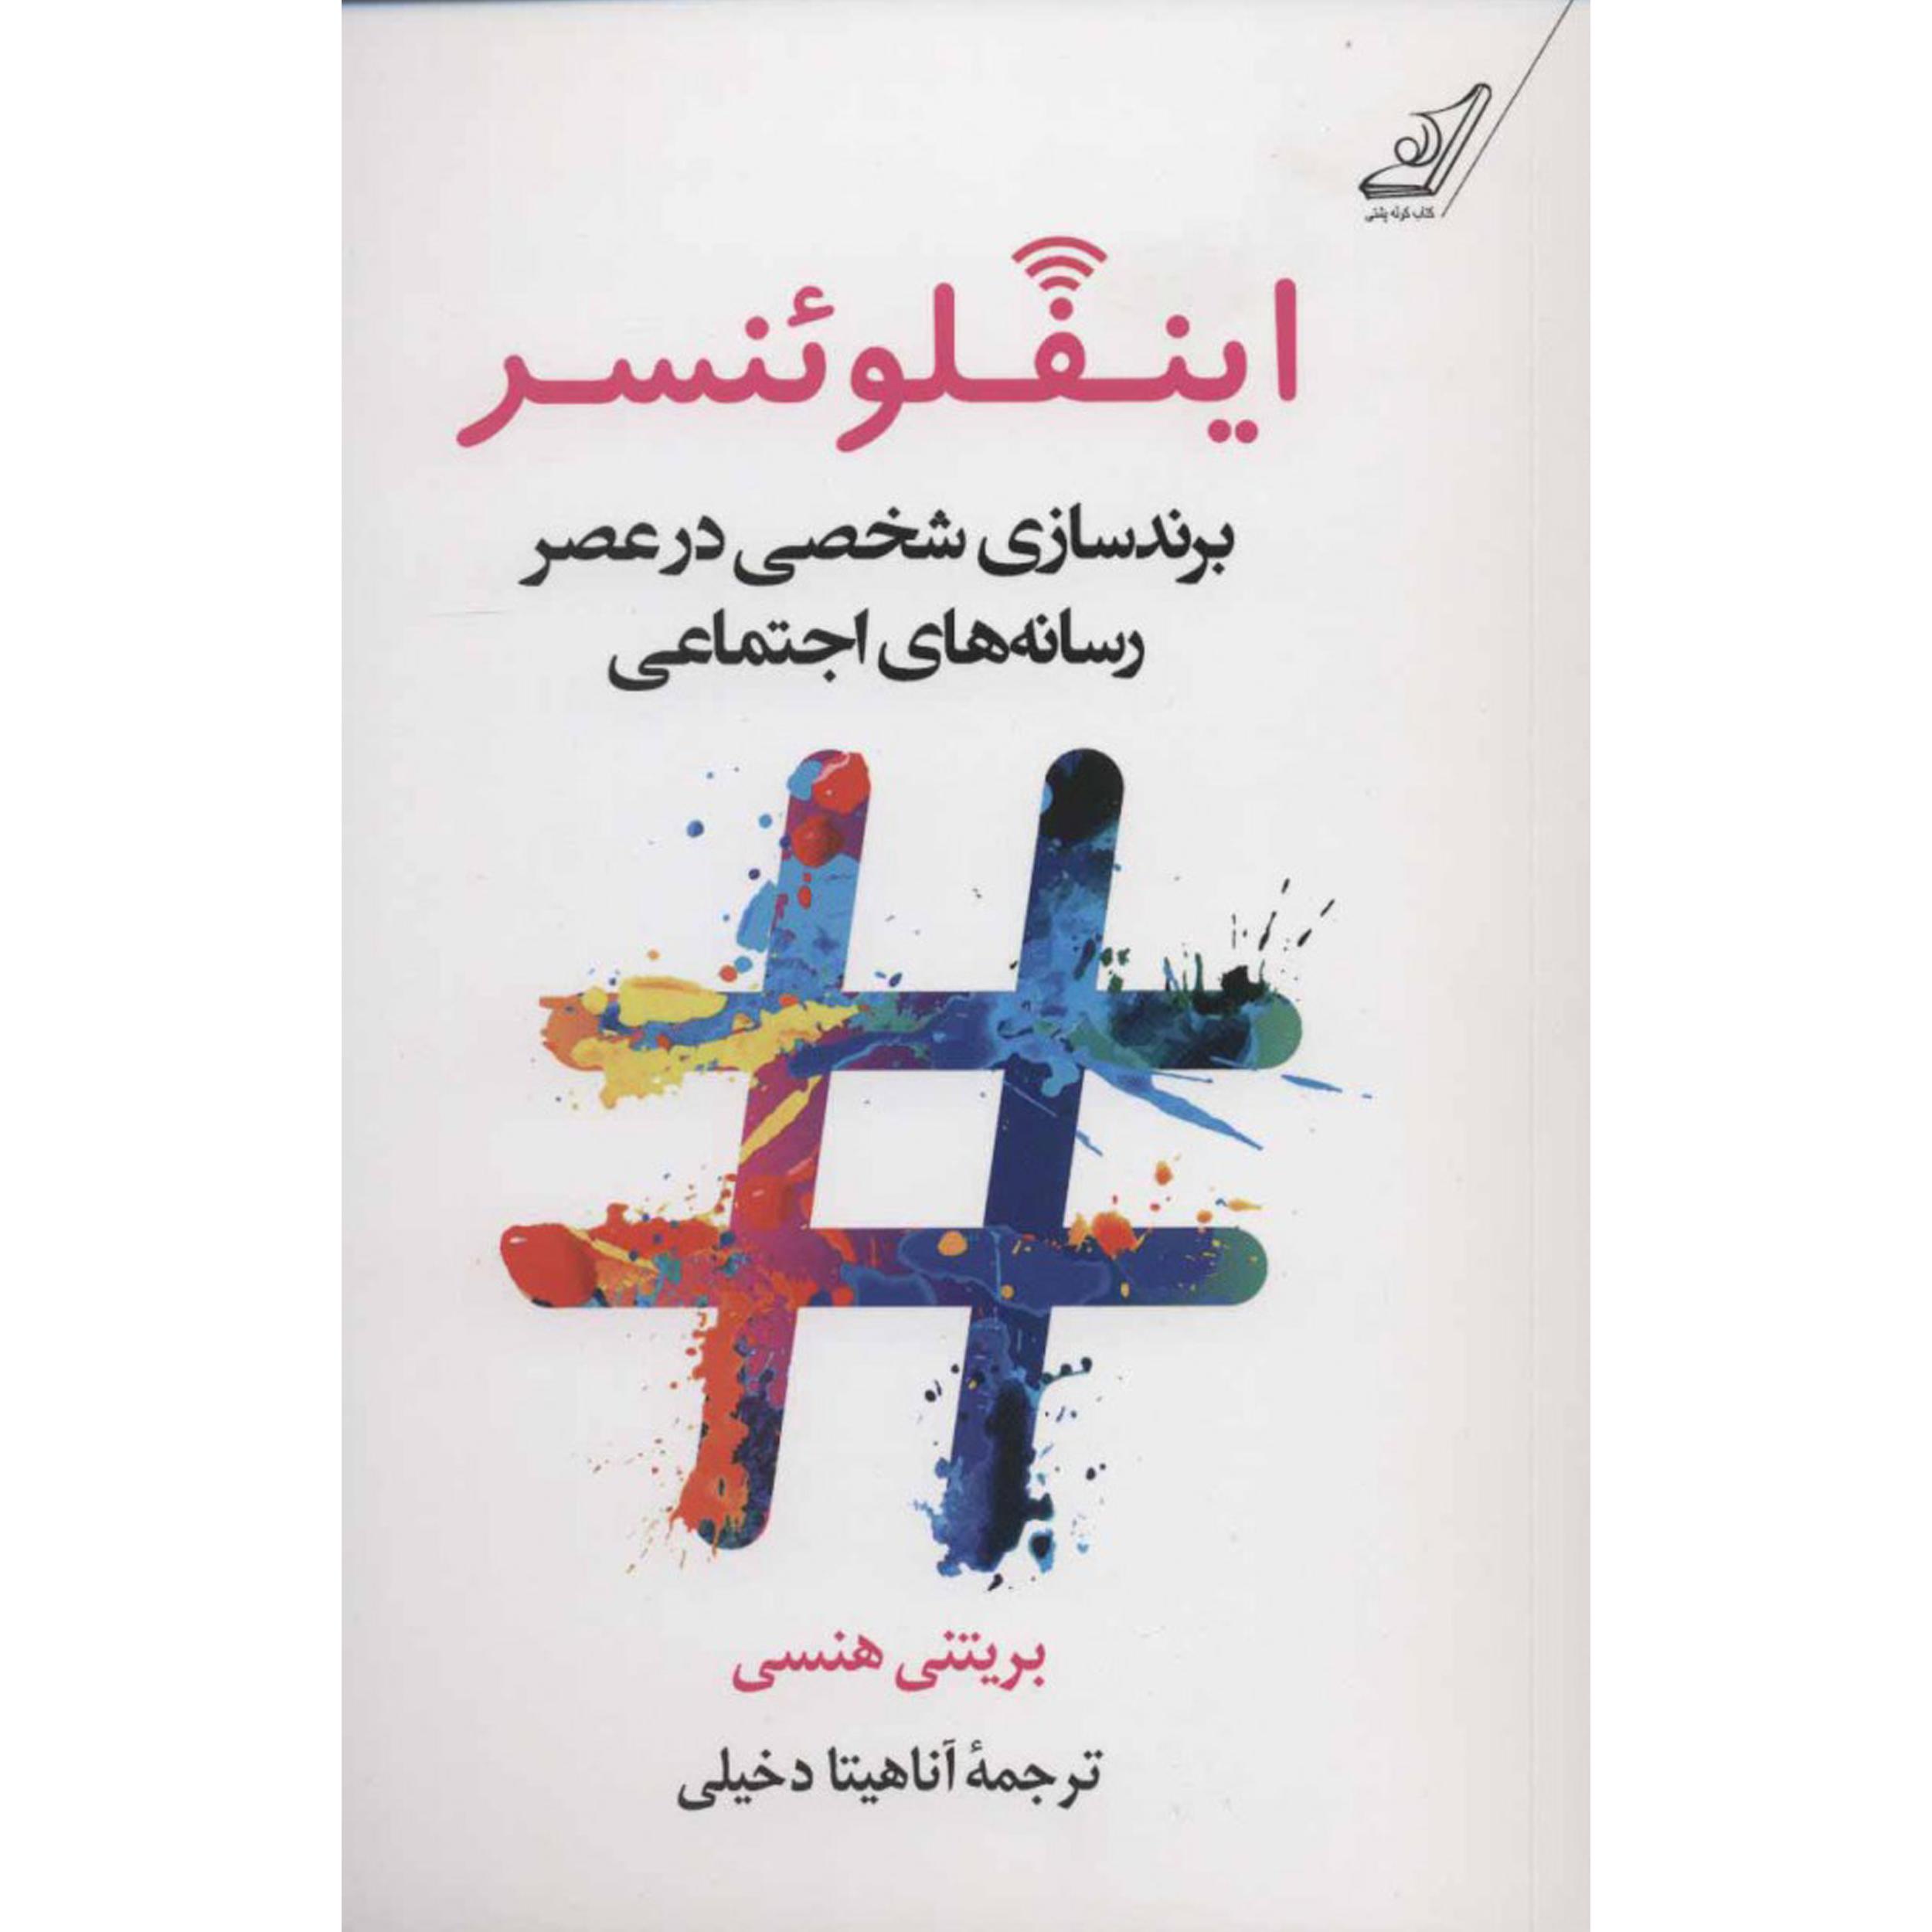 کتاب اینفلوئنسر برندسازی شخصی در عصر رسانه های اجتماعی اثر بريتنی هنسی انتشارات کتاب کوله پشتی